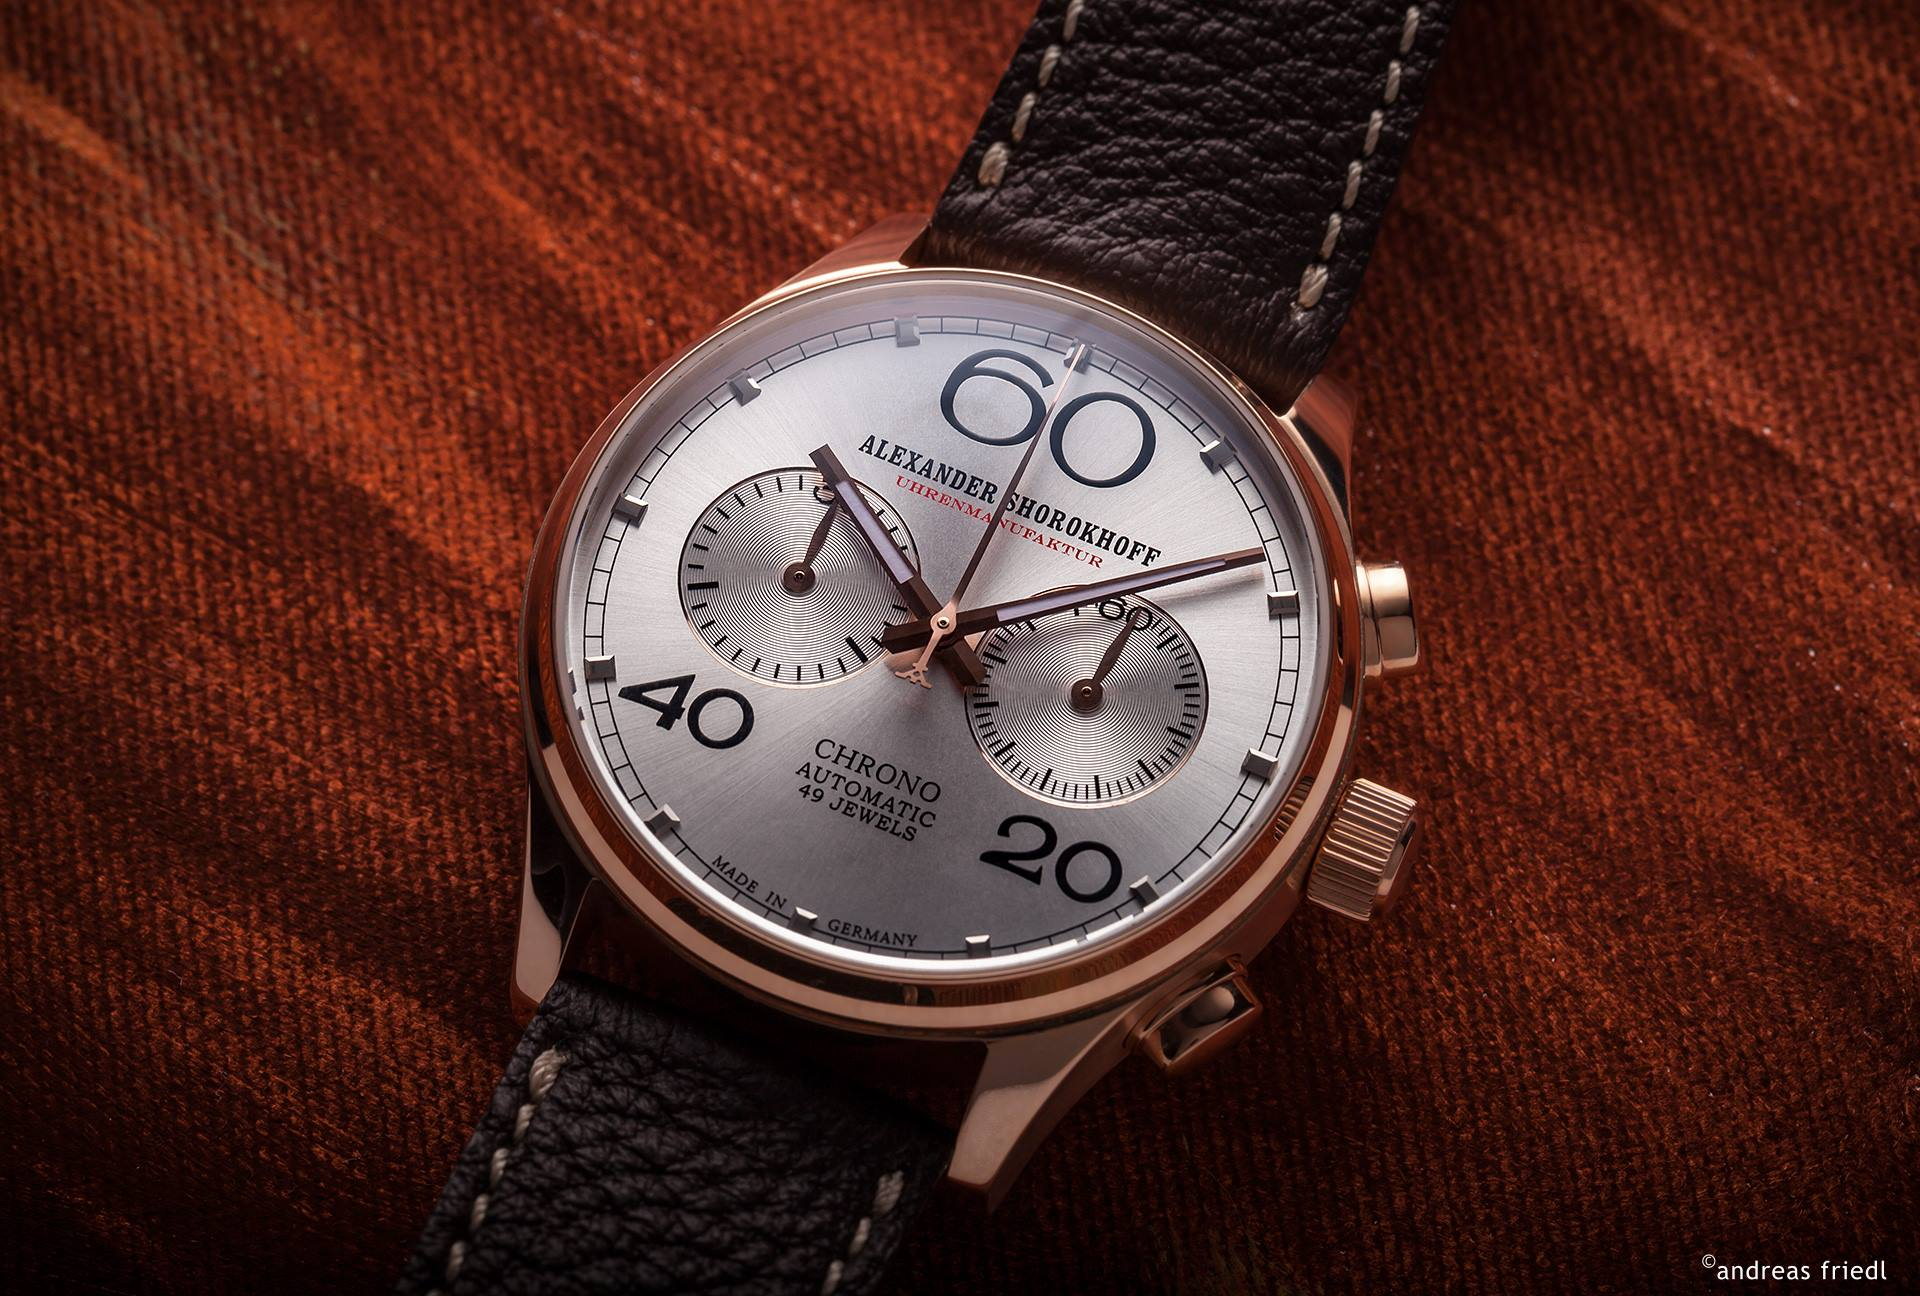 automatikuhren automatik uhr automatic watches luxury watches luxusuhren luxuriöse uhren kunstvolle uhren deutsche uhren limitierte uhren ausgezeichente uhren awarded watches